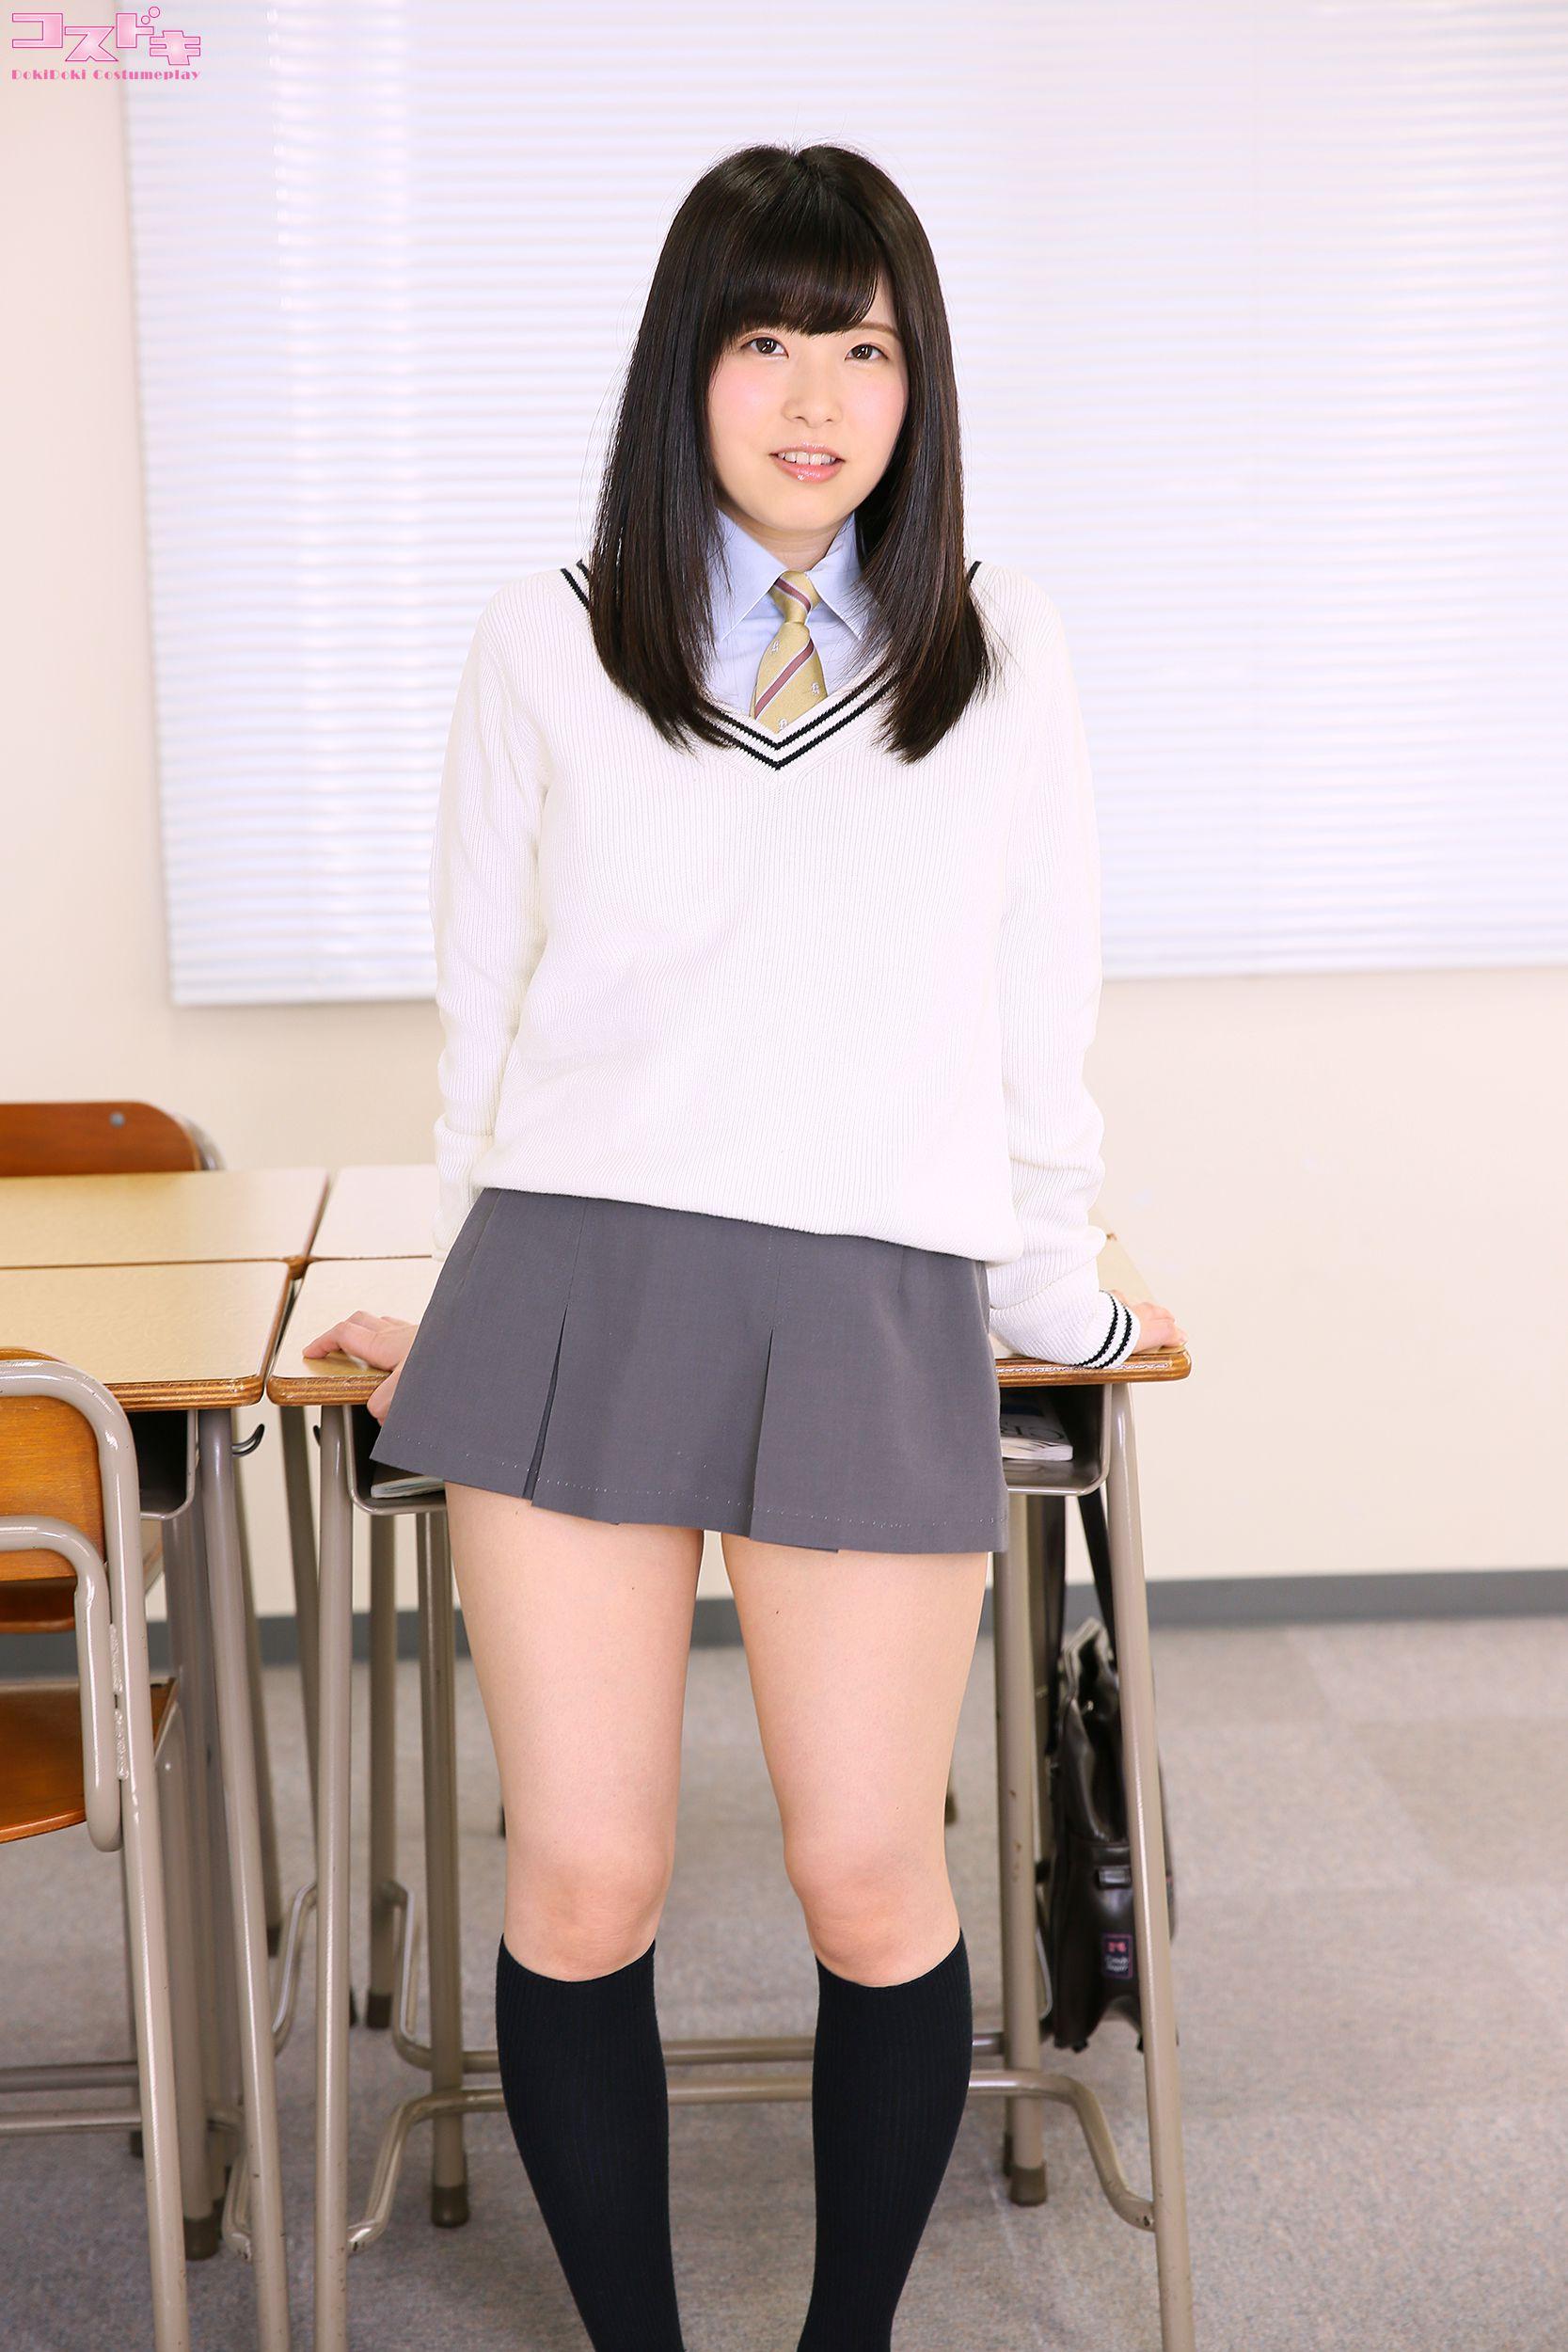 VOL.517 [Cosdoki]学生装:雏见怜(ひなみれん)超高清写真套图(29P)